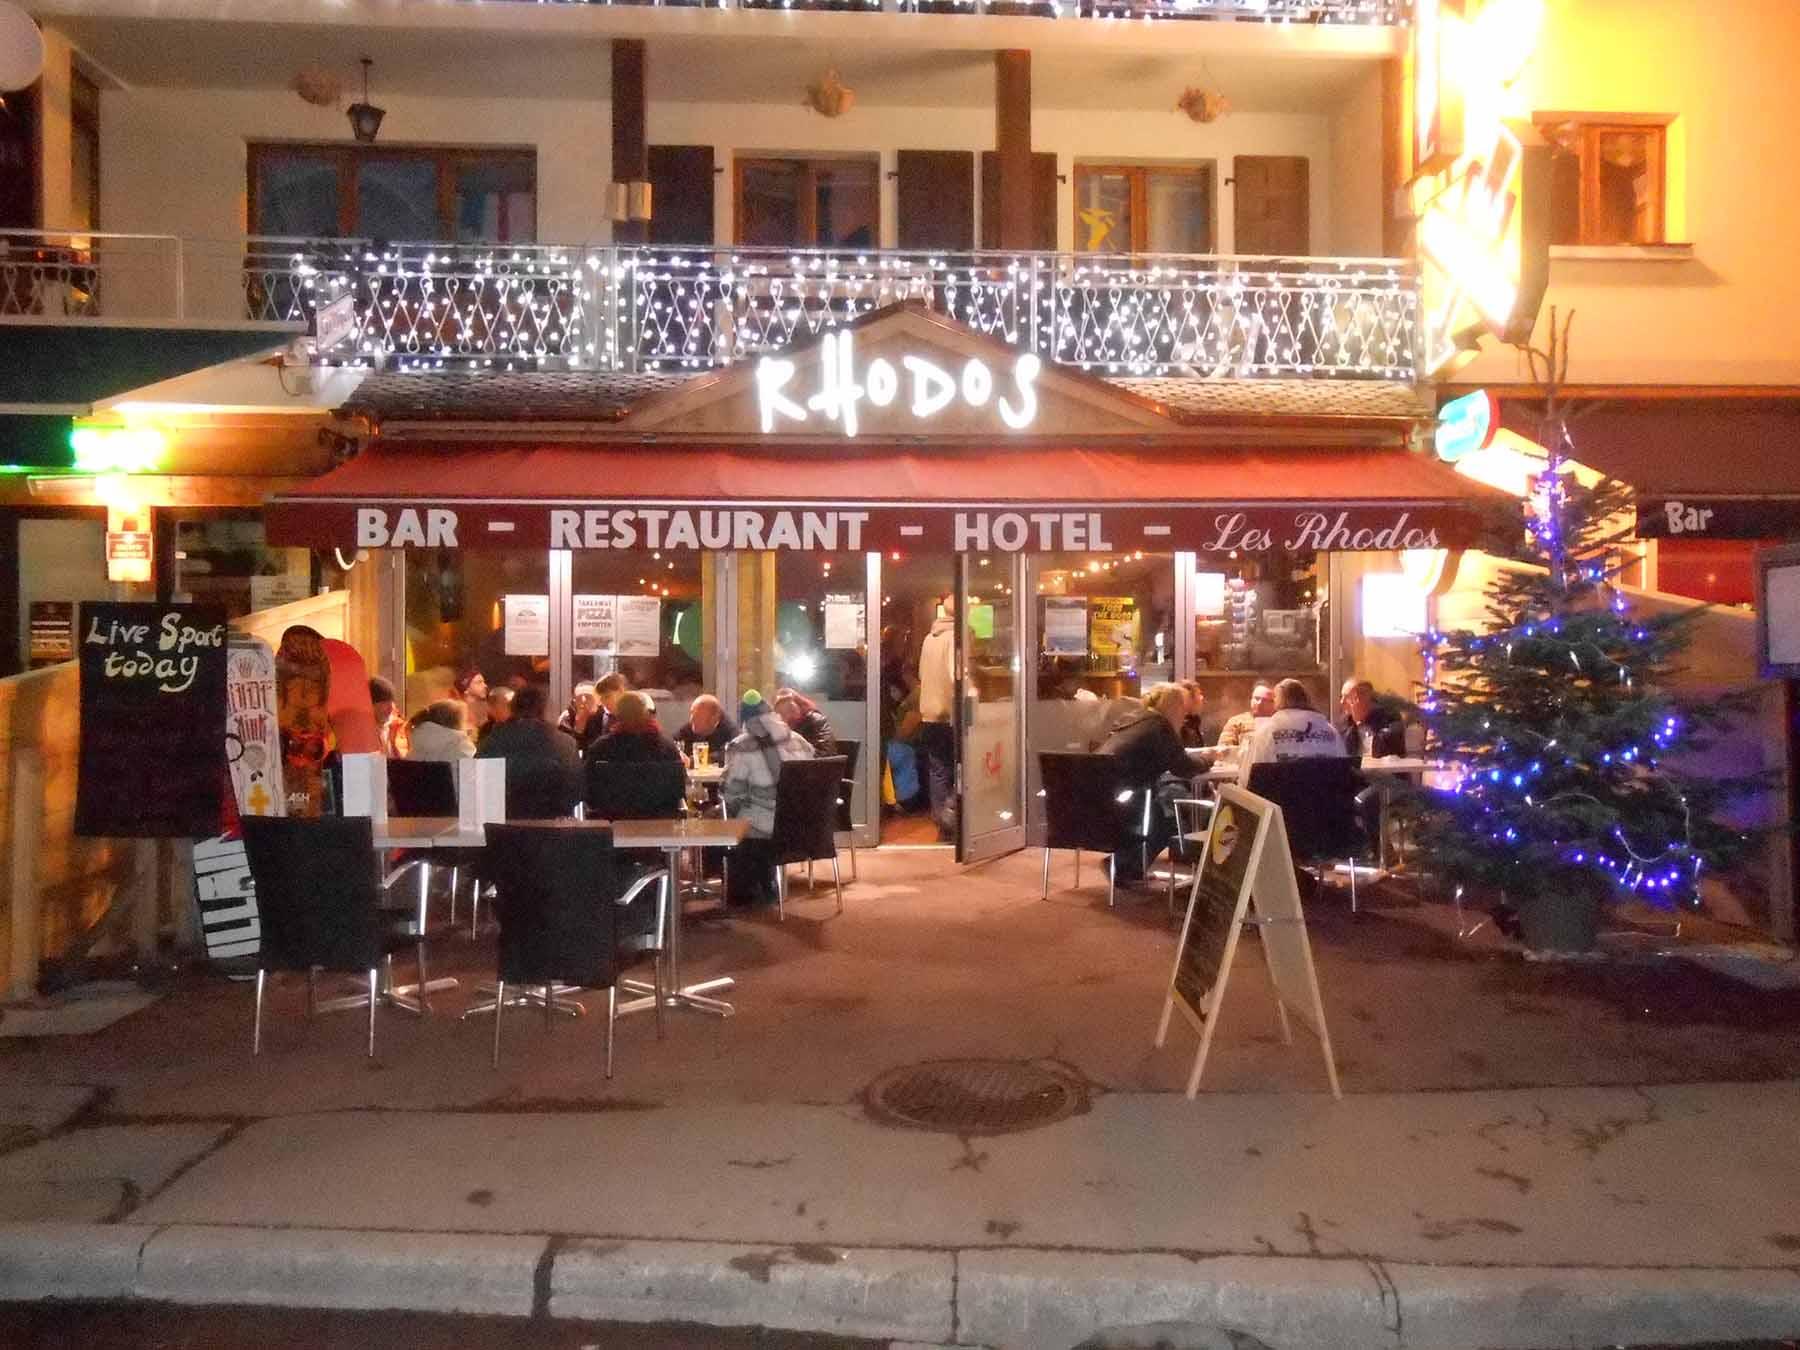 Rhodos Hotel Exterior